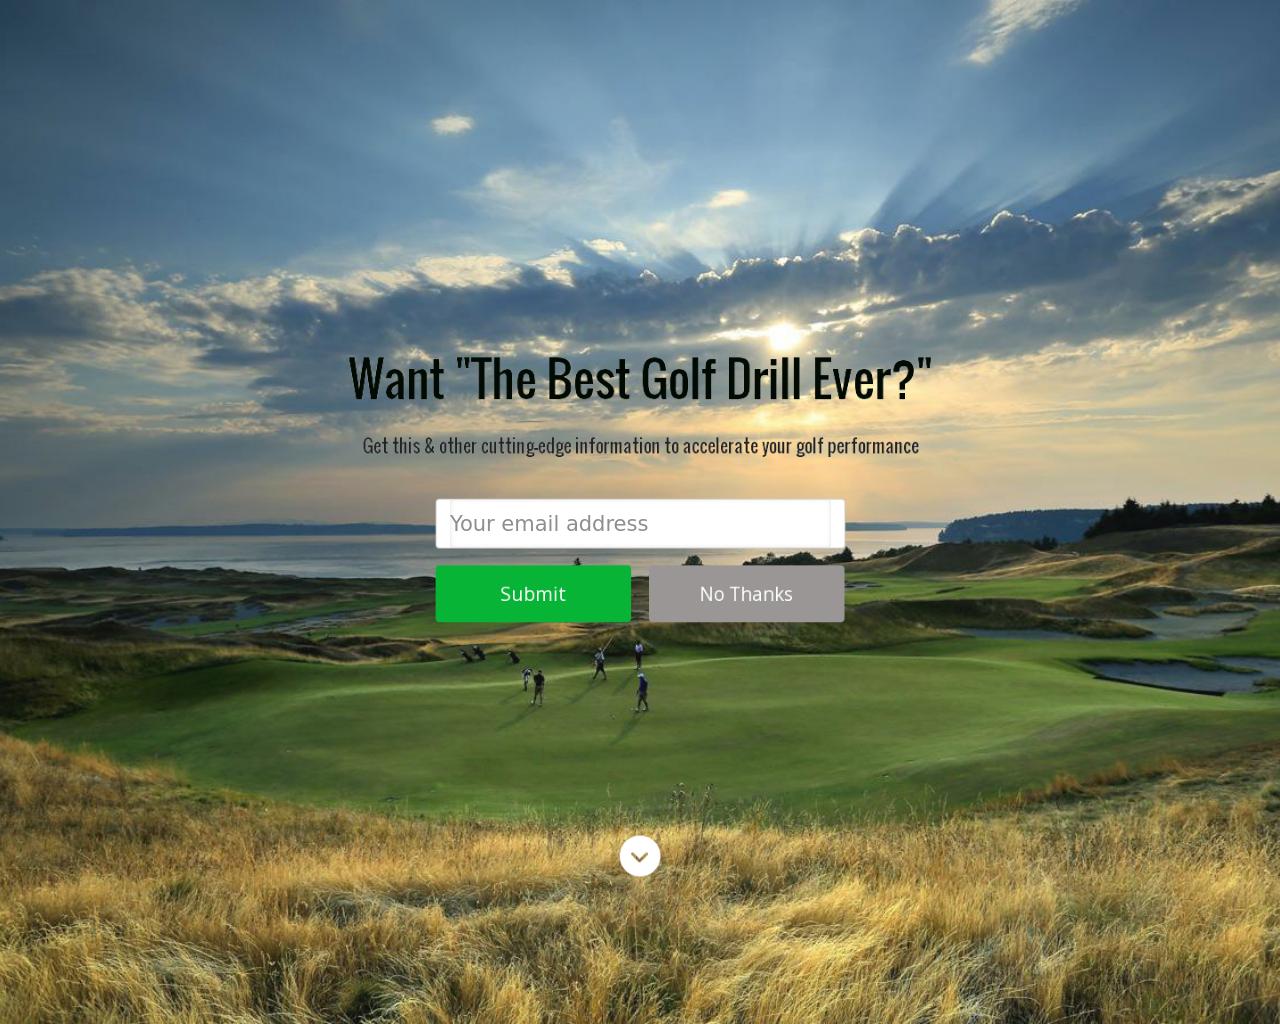 golf-dash-Advertising-Reviews-Pricing